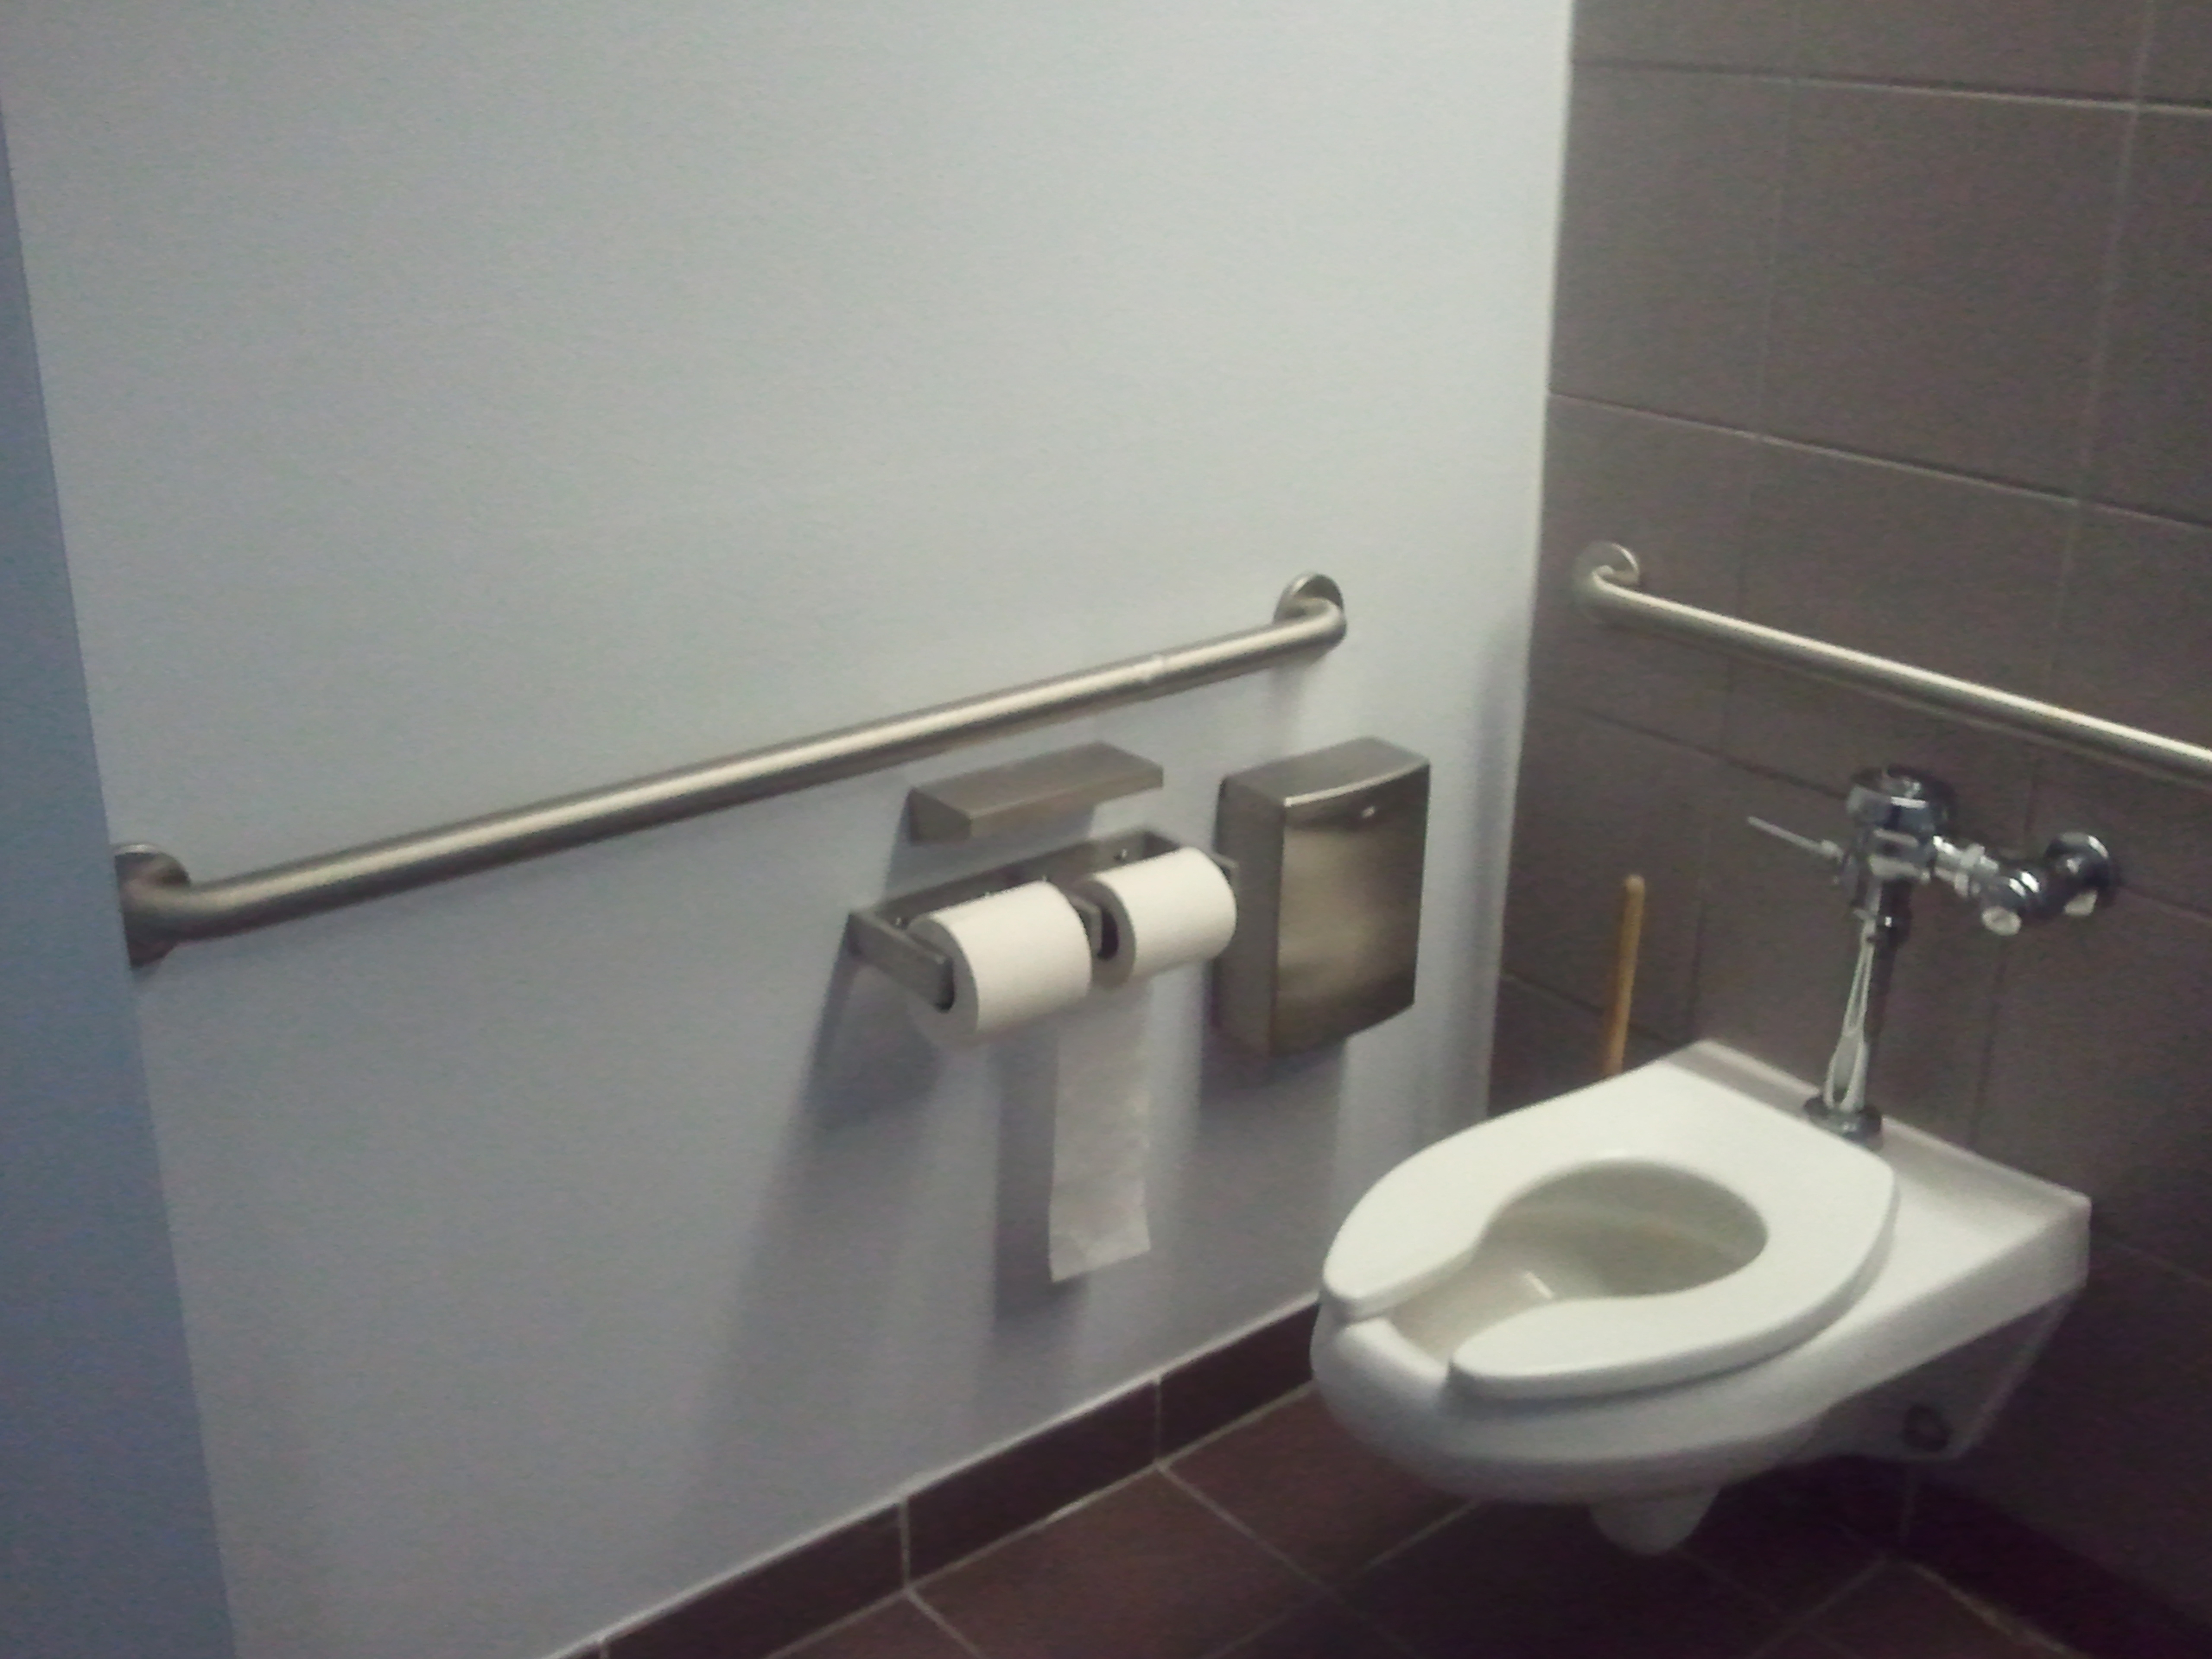 Restroom Wall Install